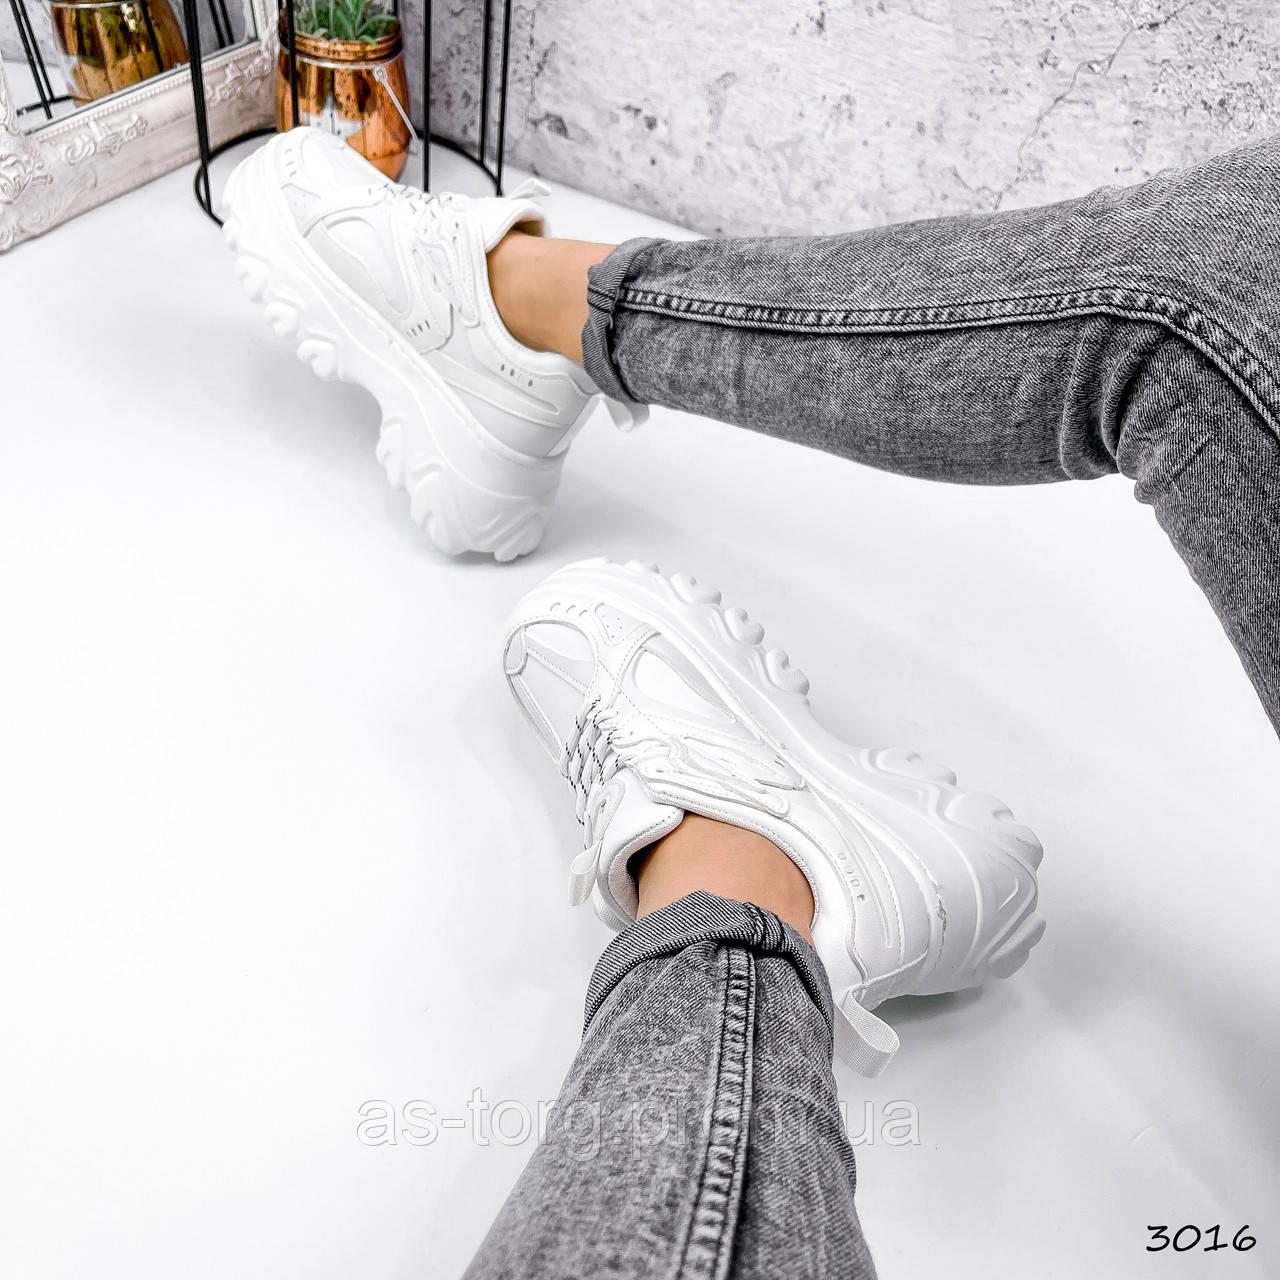 Кроссовки женские Nanto белые 3016